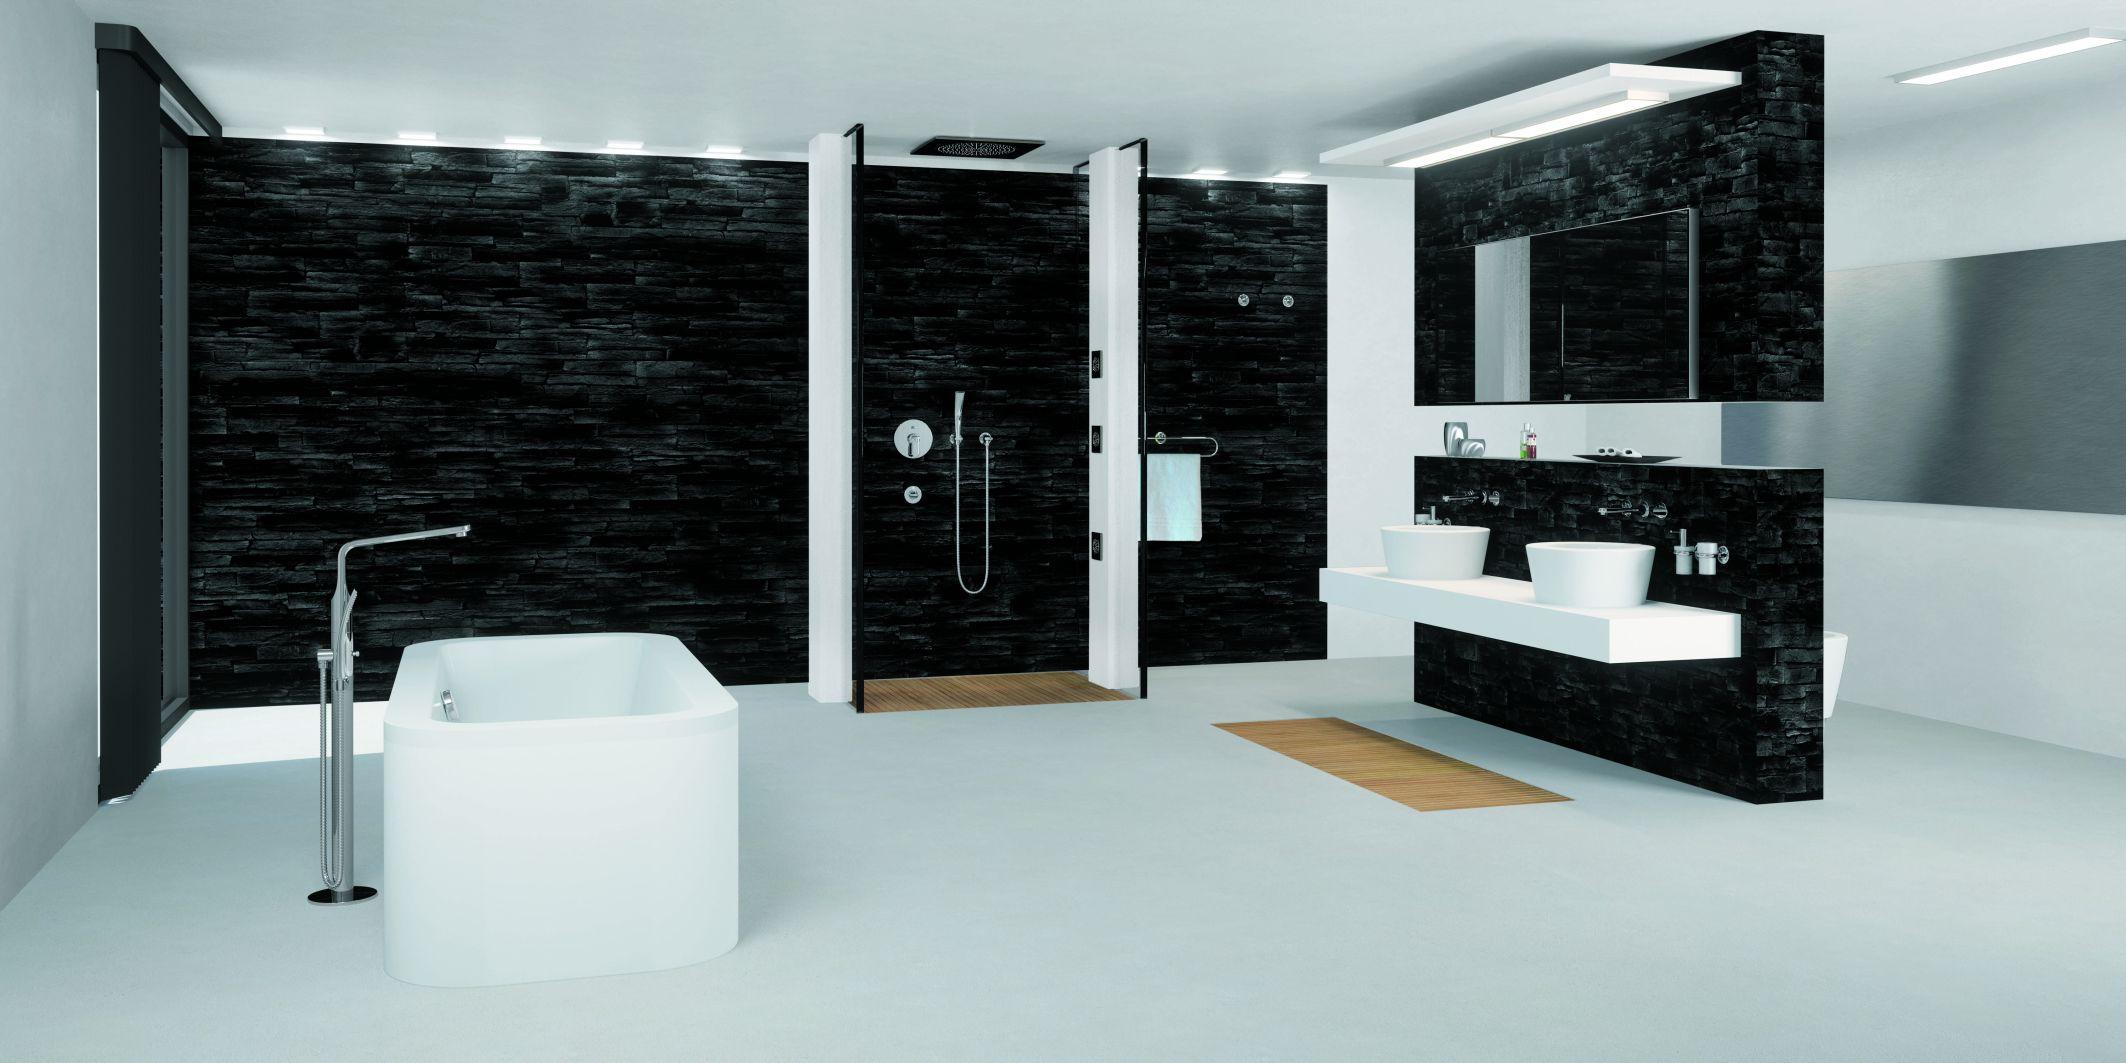 Badeaustru00fcster Grohe verkauft fu00fcr 3 Mrd. an Lixil Japan -Smart Home ...